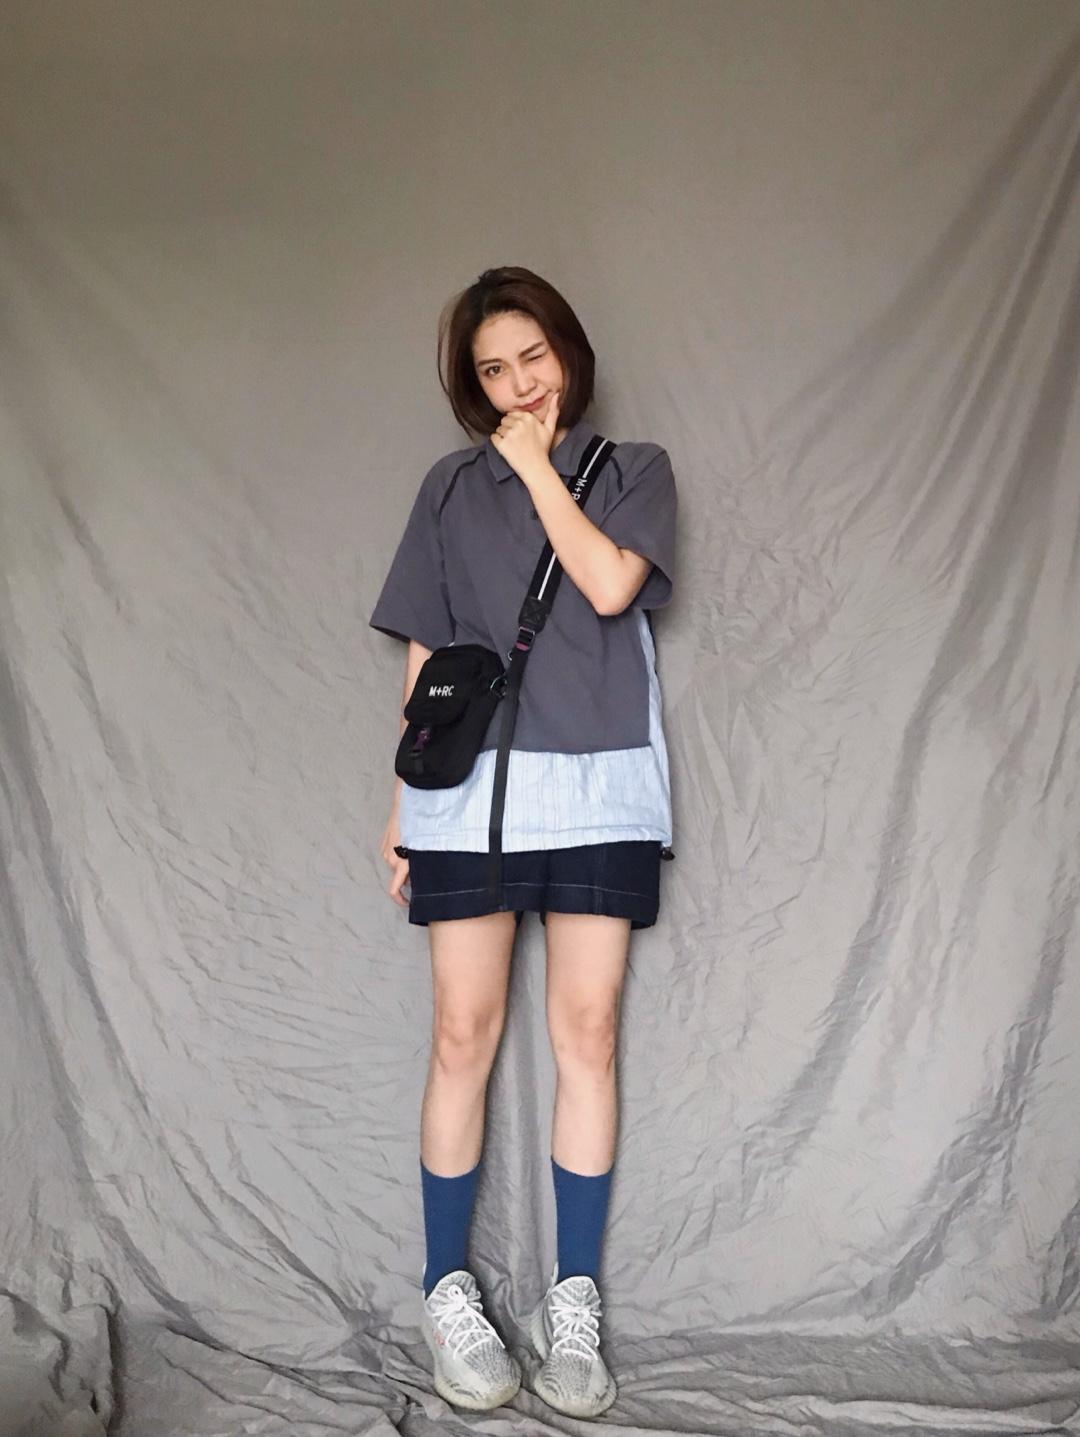 polo衫简约大气 搭配小短裤很俏皮哦 长袜配球鞋活力十足 #520,男朋友希望你这么穿!#